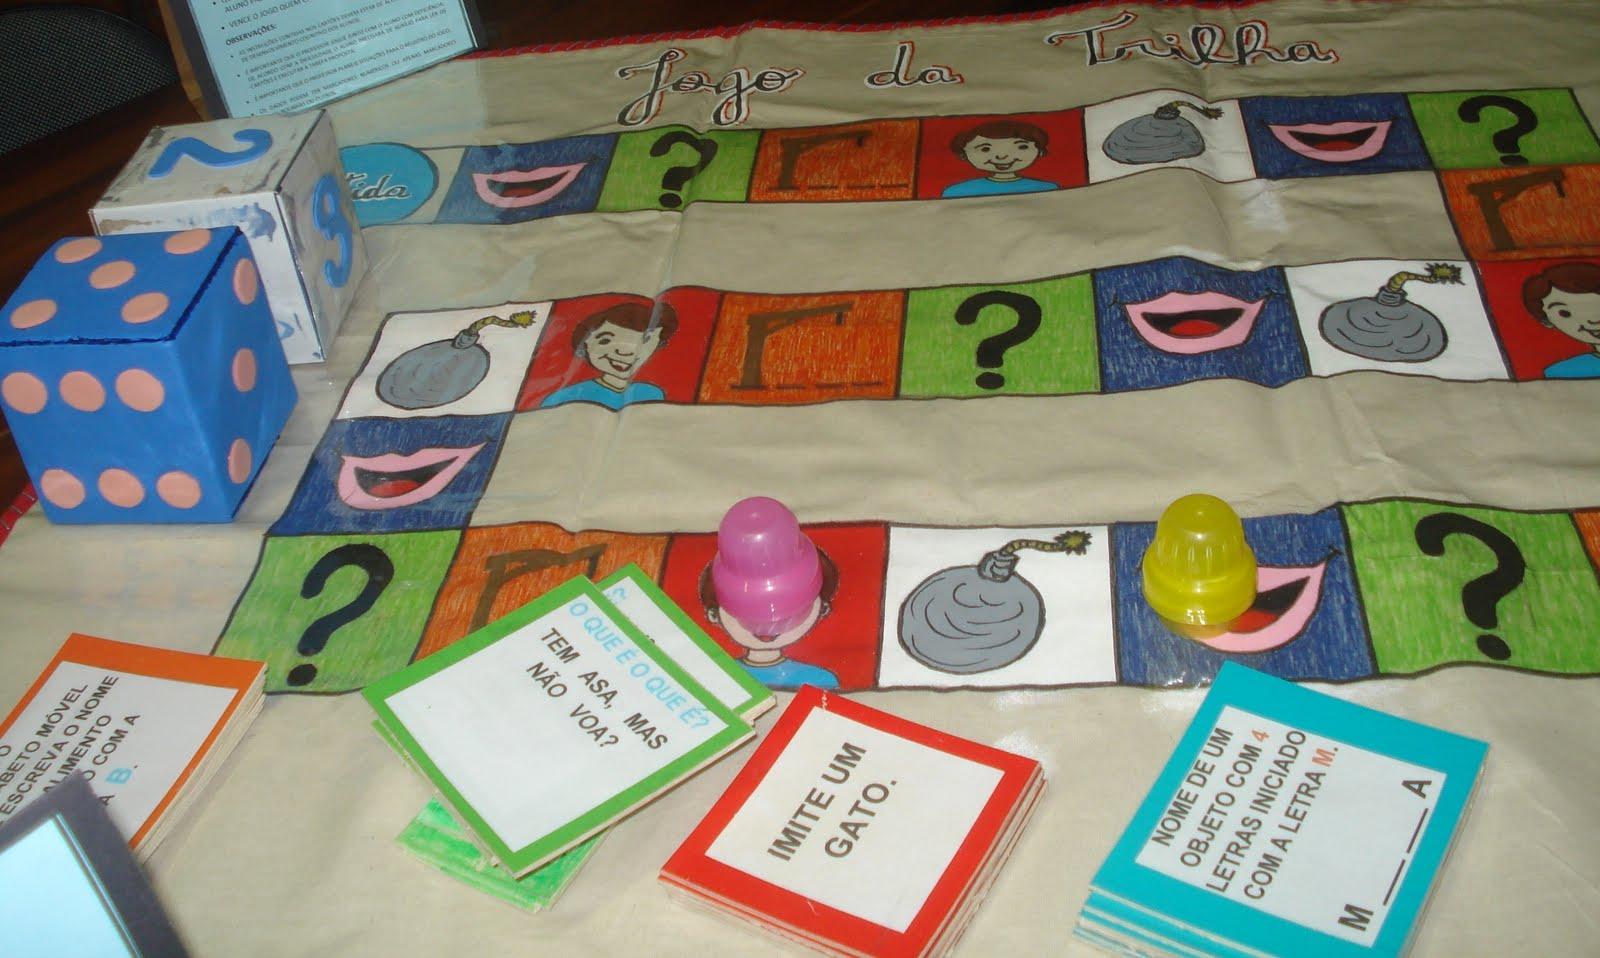 Educação inclusiva para alunos com deficiência cerebral 6